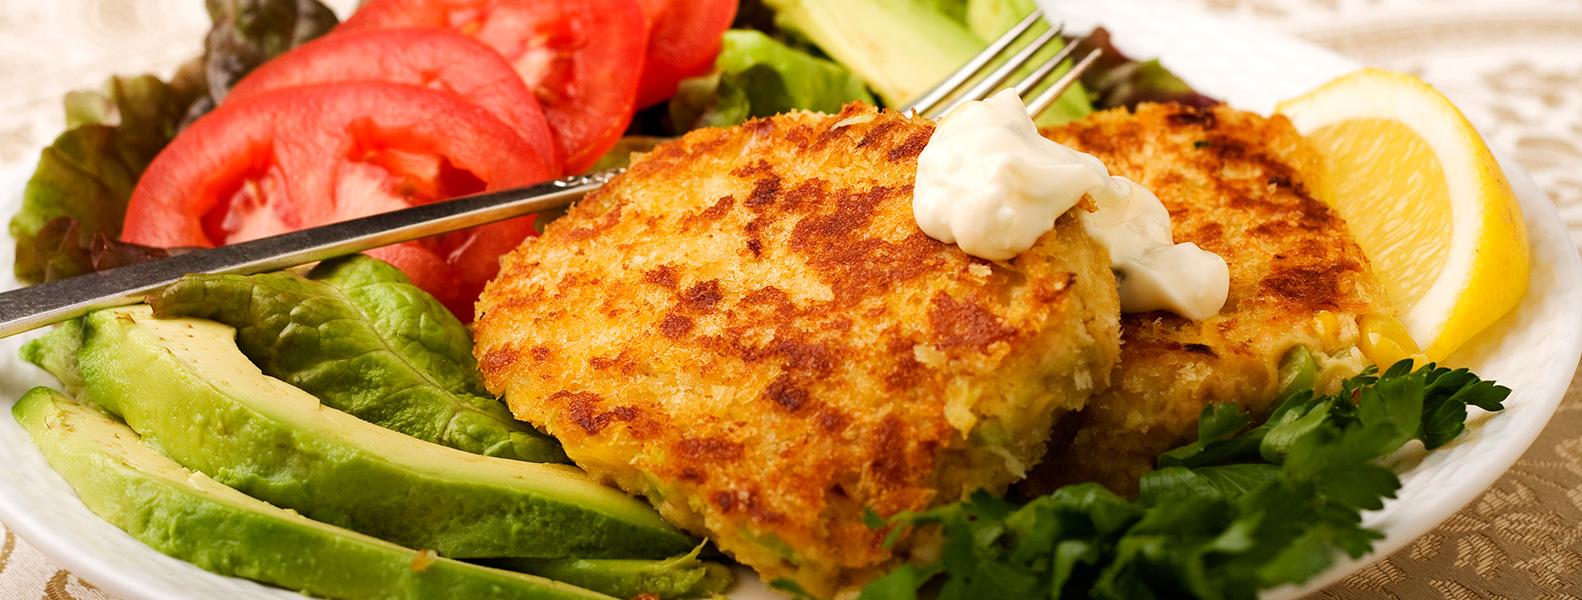 Receta saludable : Croquetas de salmón. - Noviembre | Clínica ...